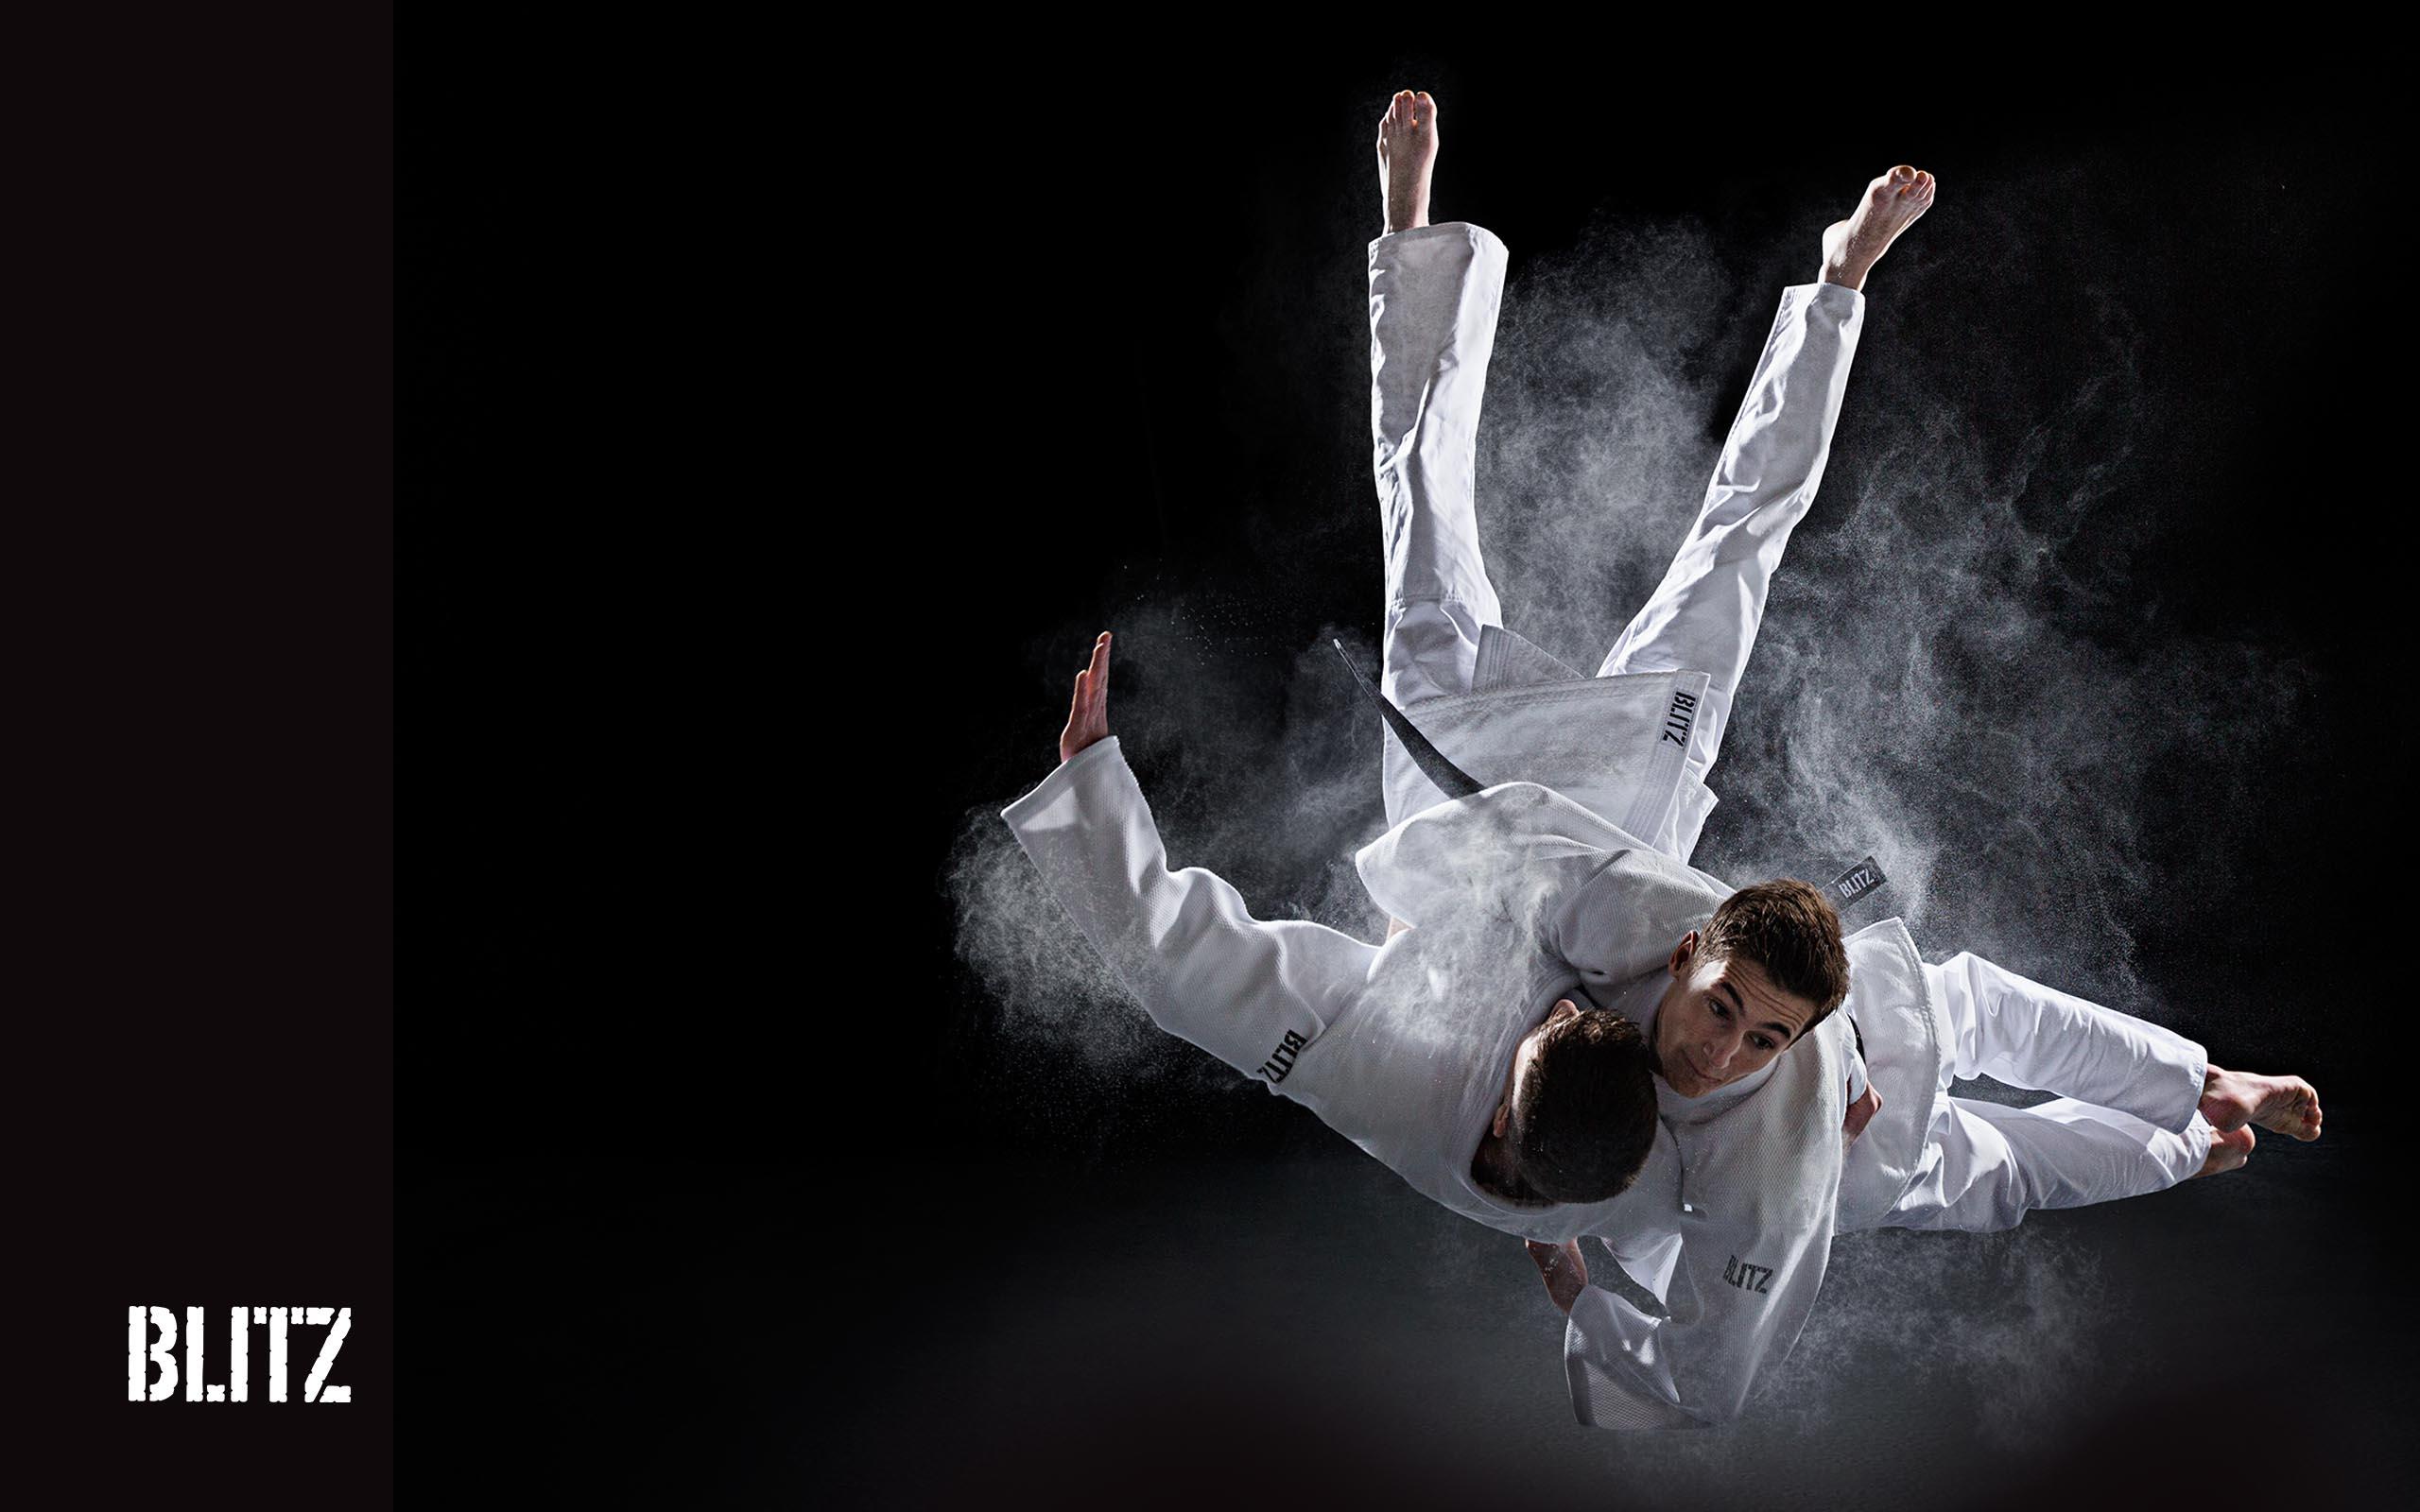 Judo Wallpaper 2560x1600